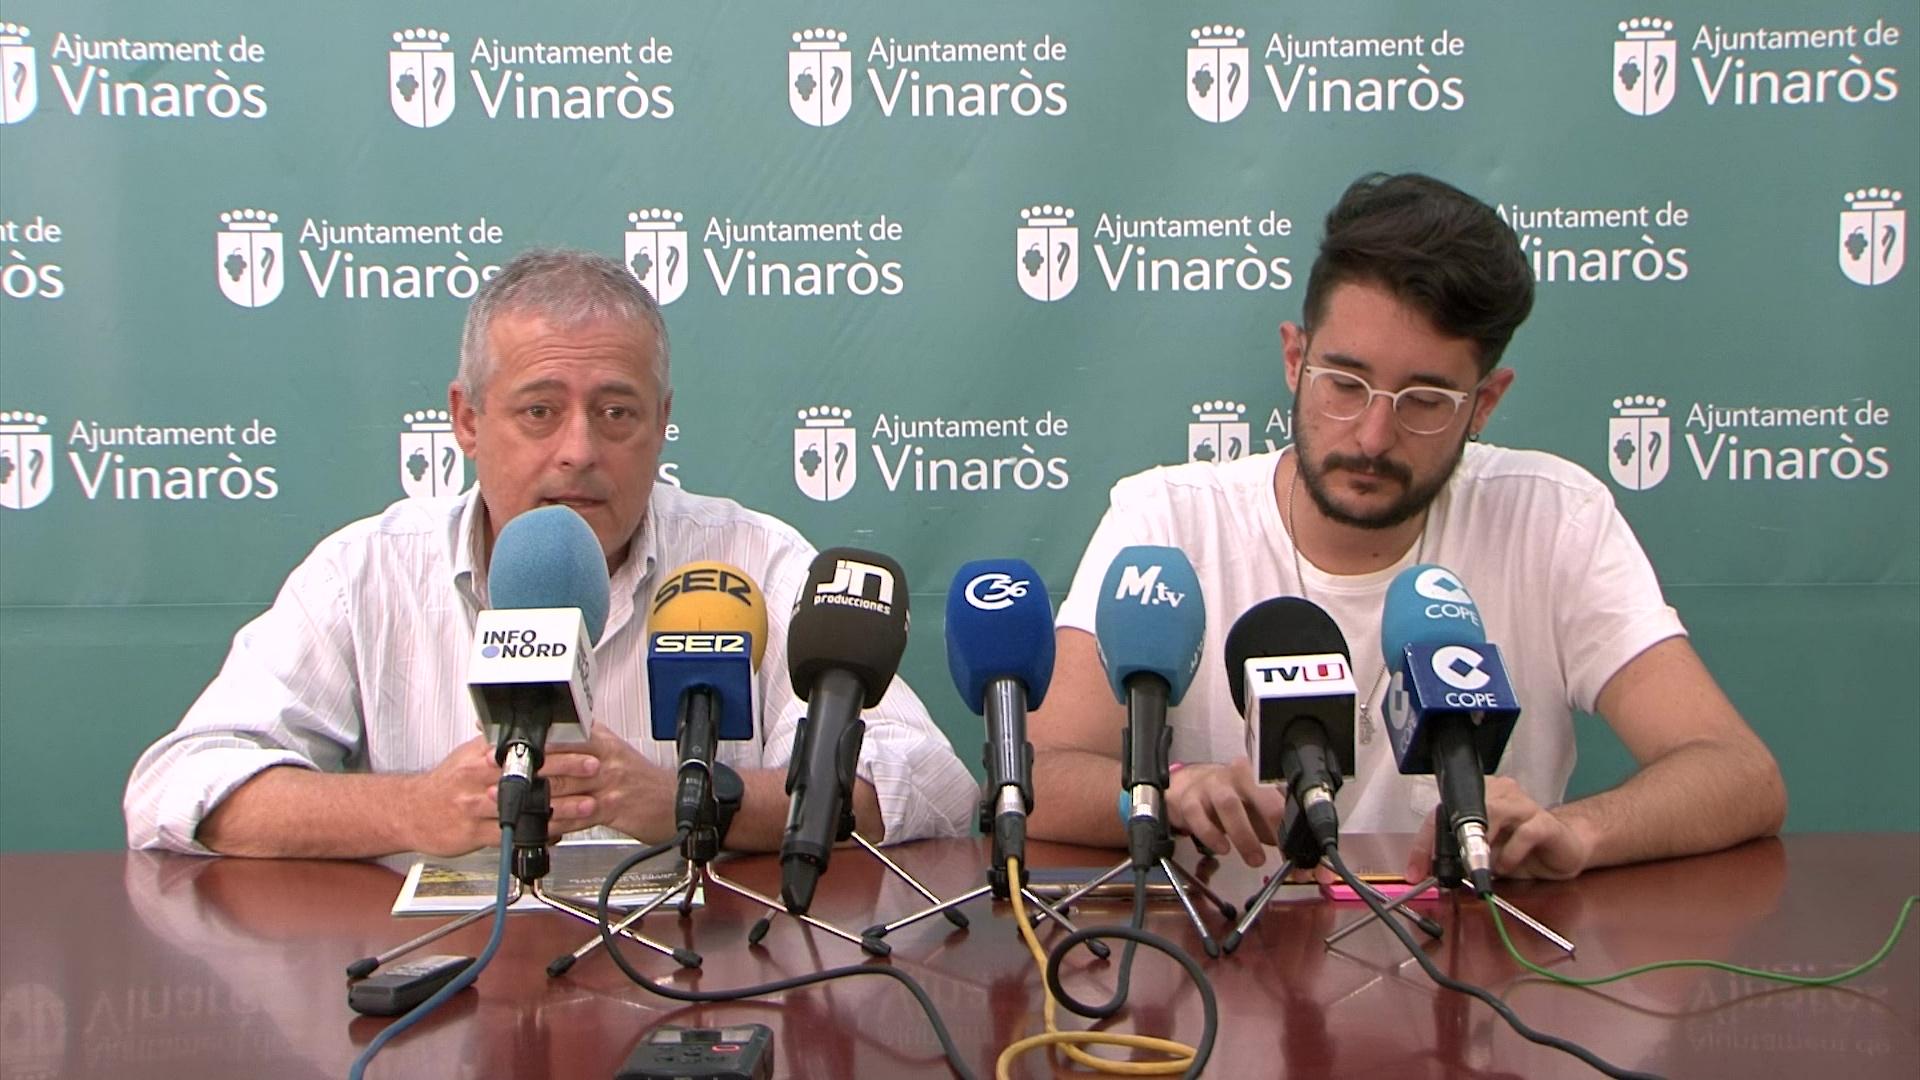 Vinaròs, el Vila-real convida als veïns a gaudir d'un partit de futbol amb la iniciativa Endavant Província